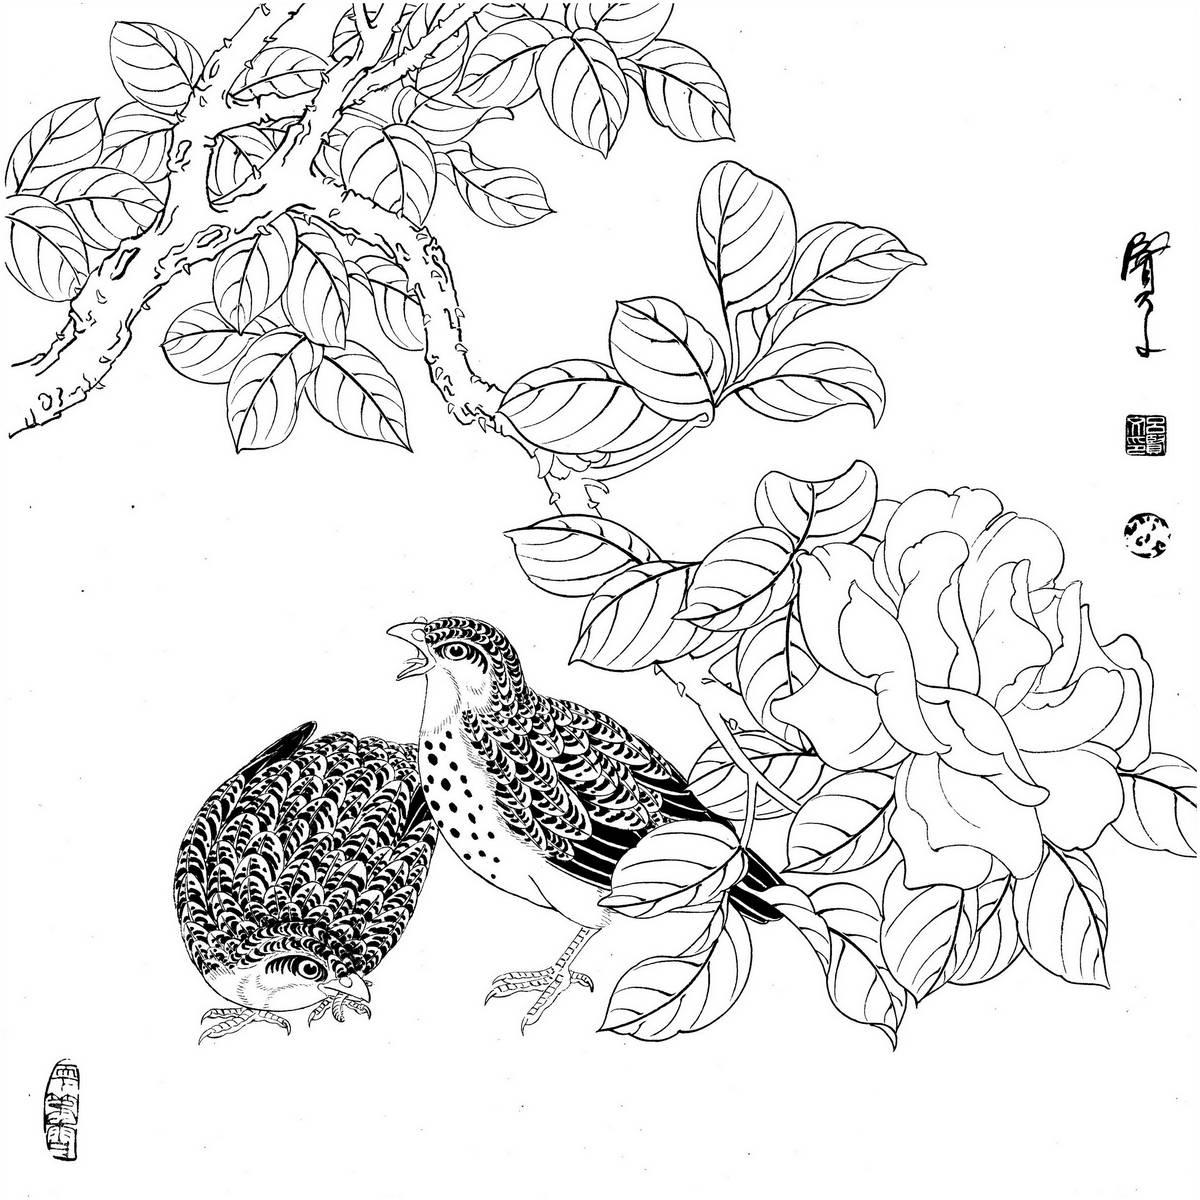 0024_工笔画花鸟白描线稿素材高清图24_0x0px_jpg_600dpi_3